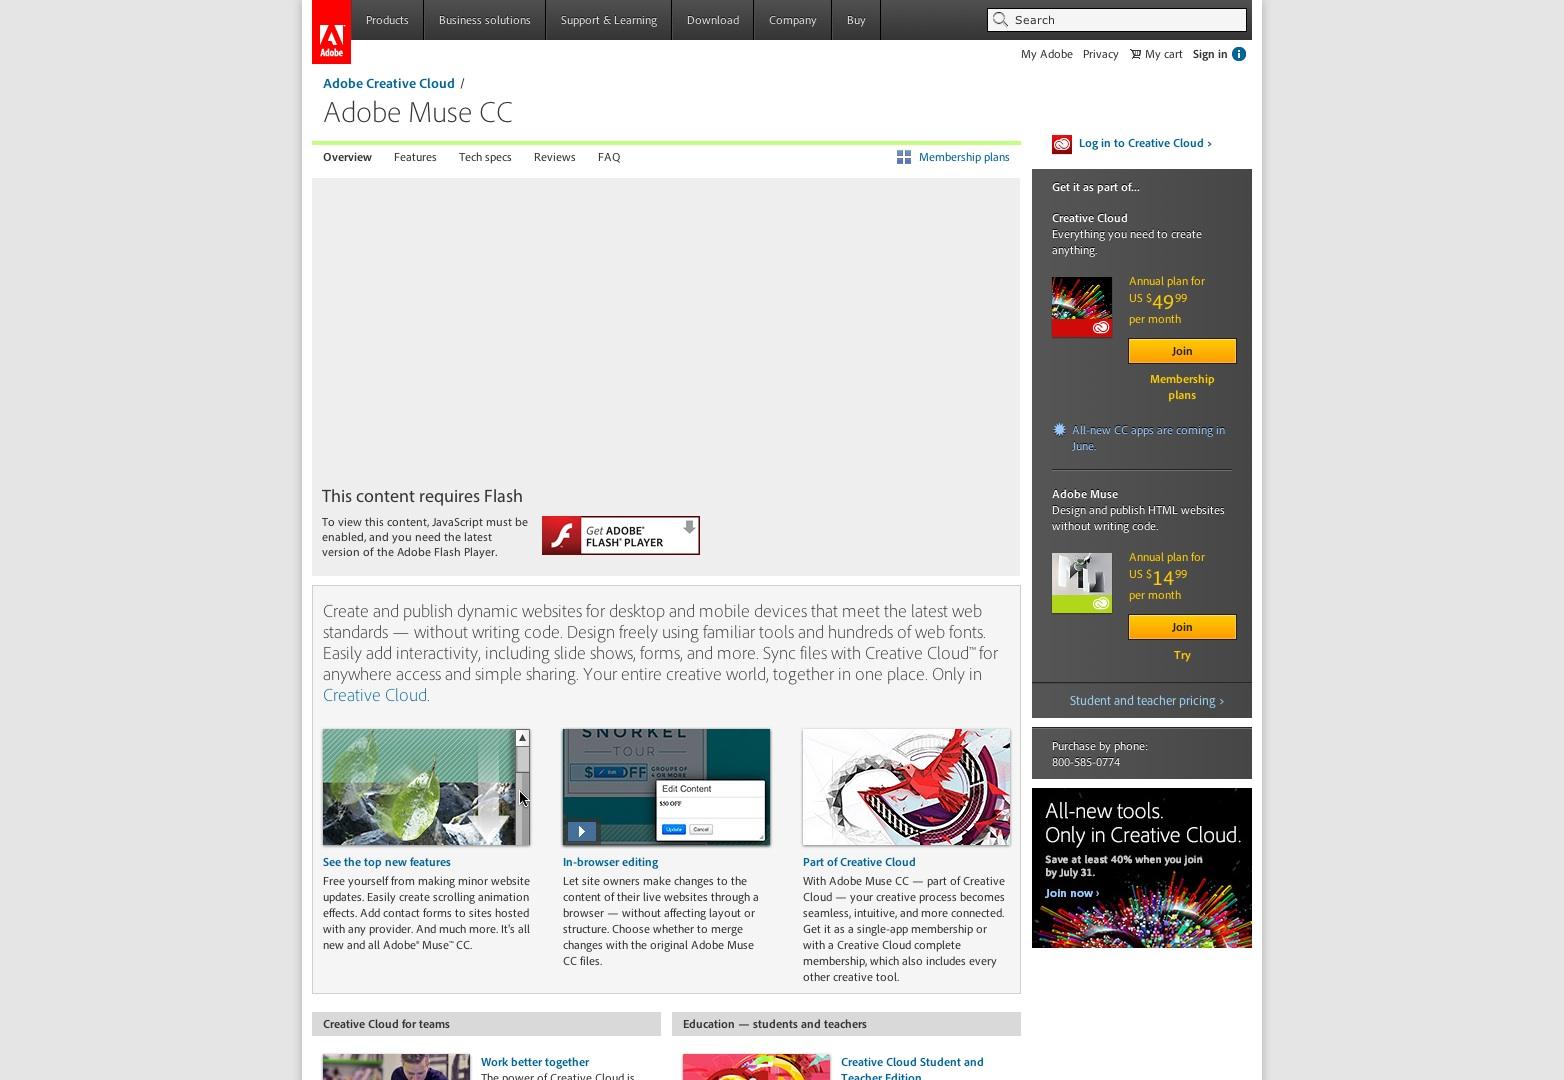 Descargue Adobe Muse CC y cree un sitio web | Adobe Muse CC